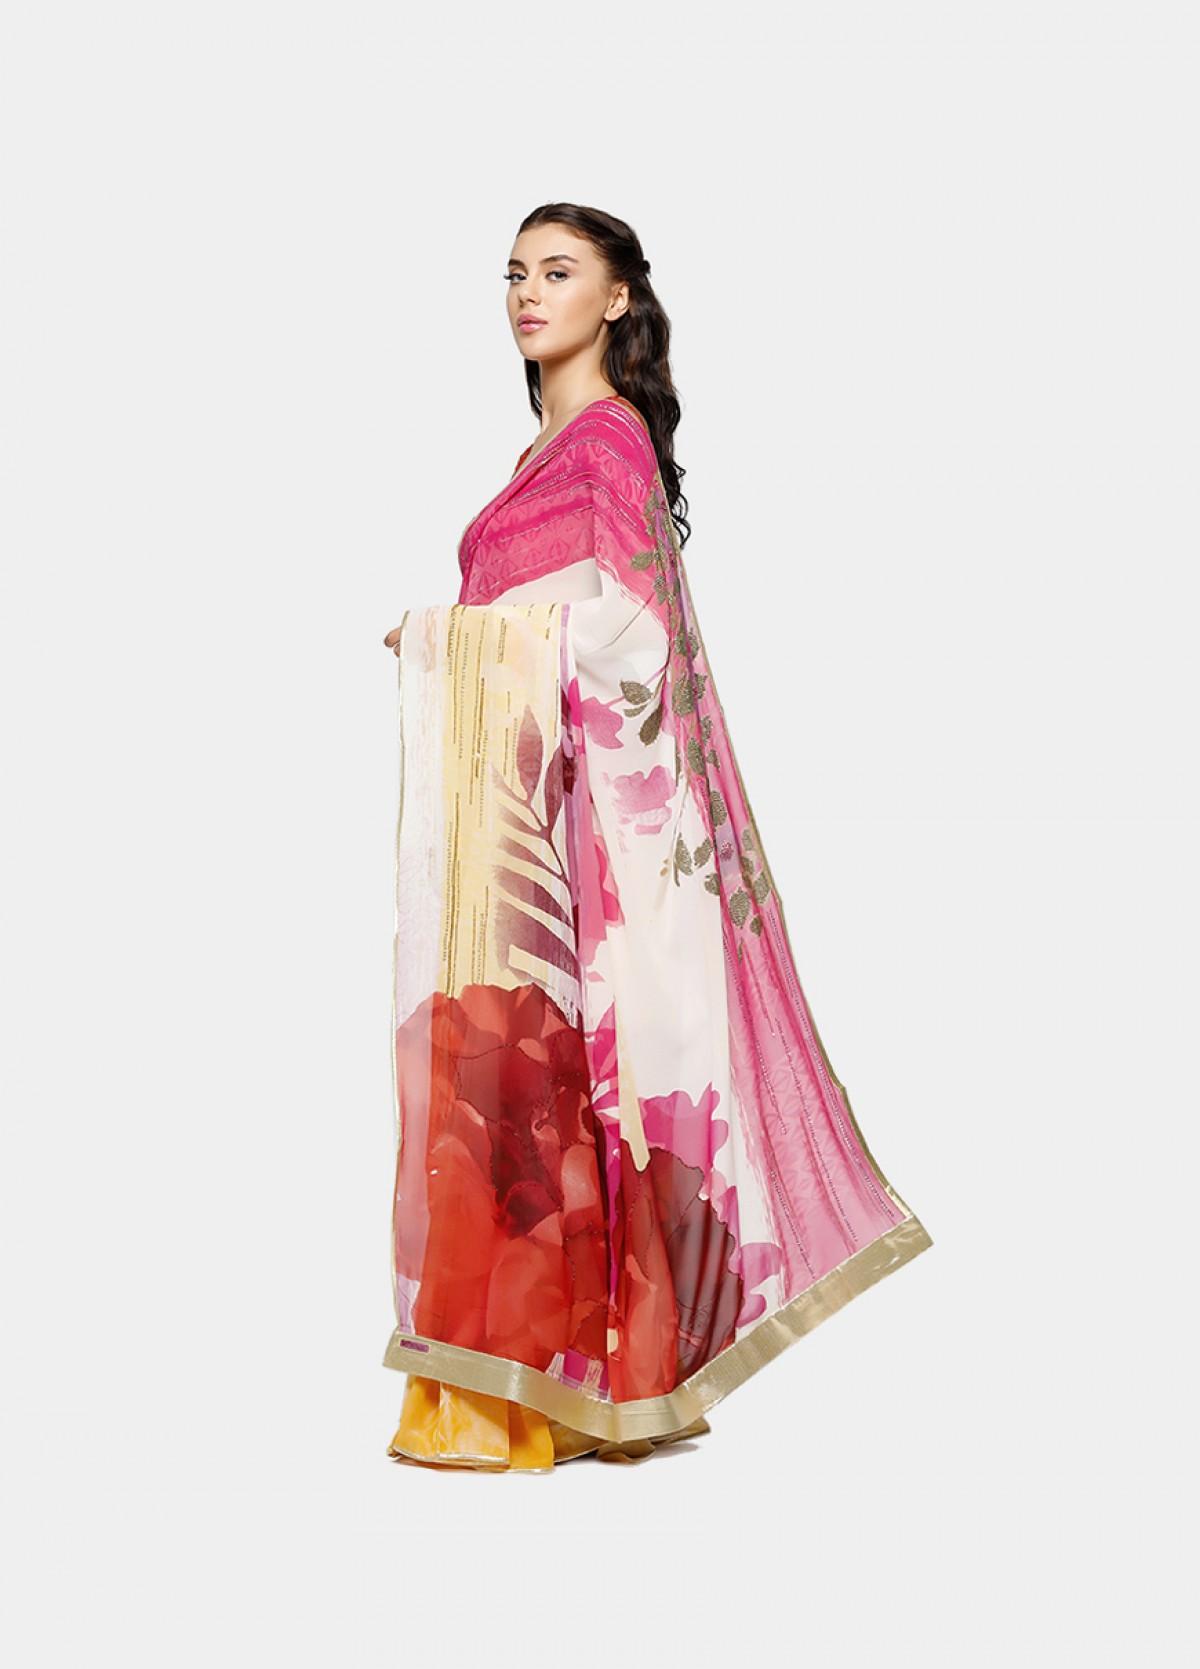 The Elegant Printed Sari